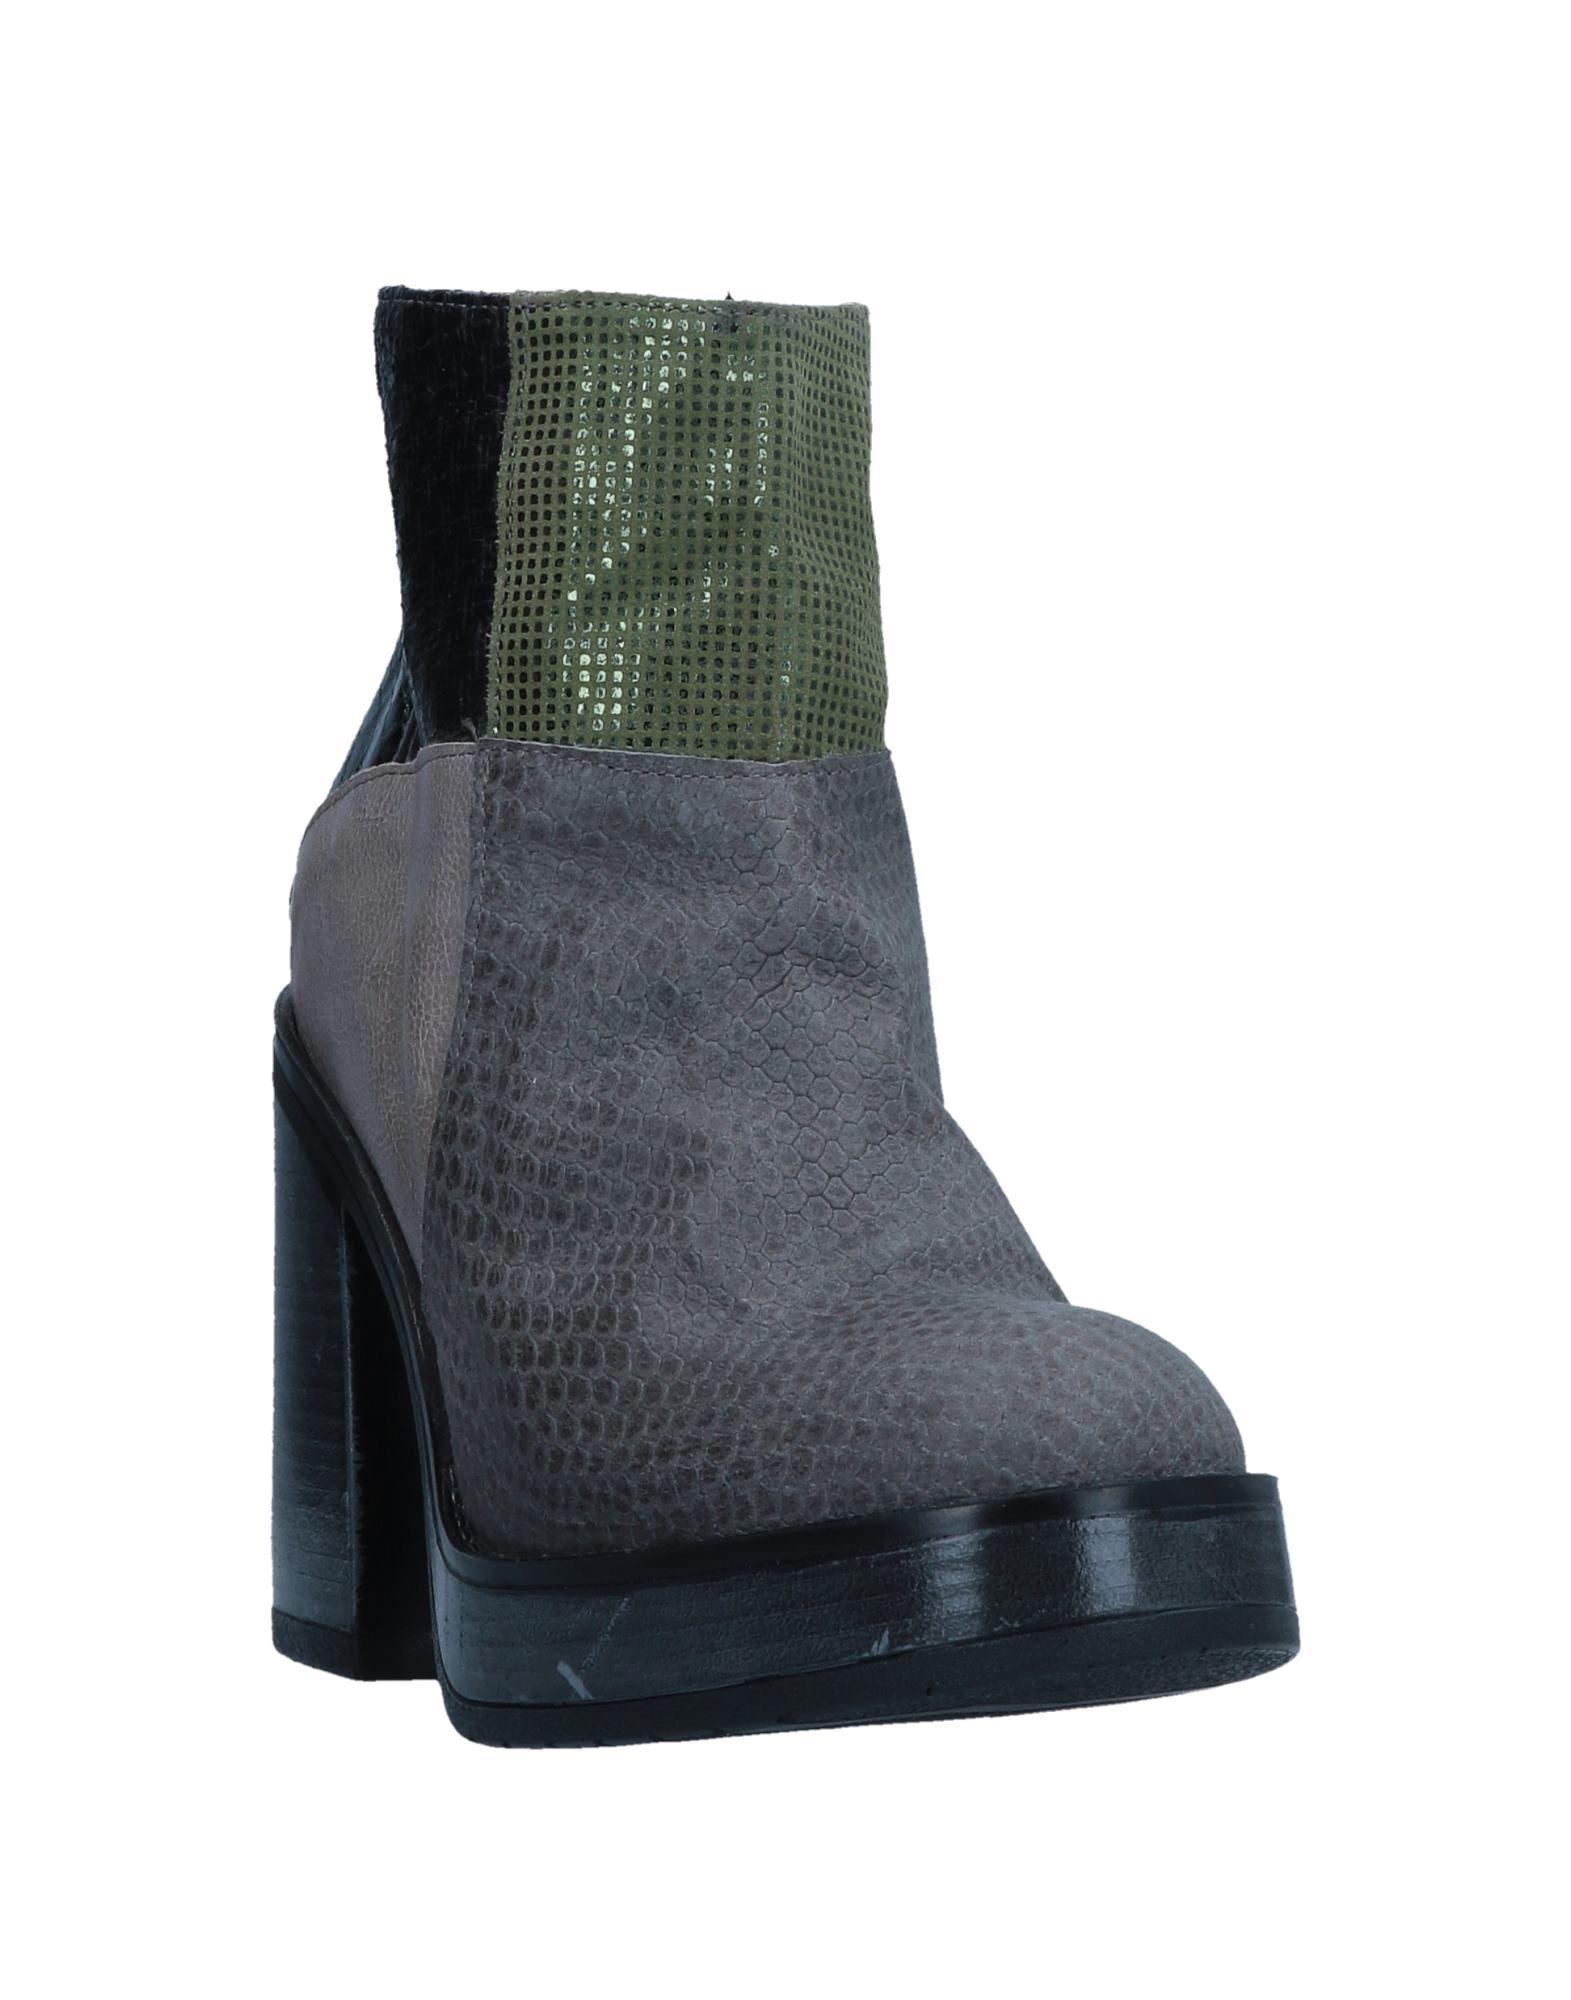 Gut um Stiefelette billige Schuhe zu tragenEbarrito Stiefelette um Damen  11553406HQ 803db4